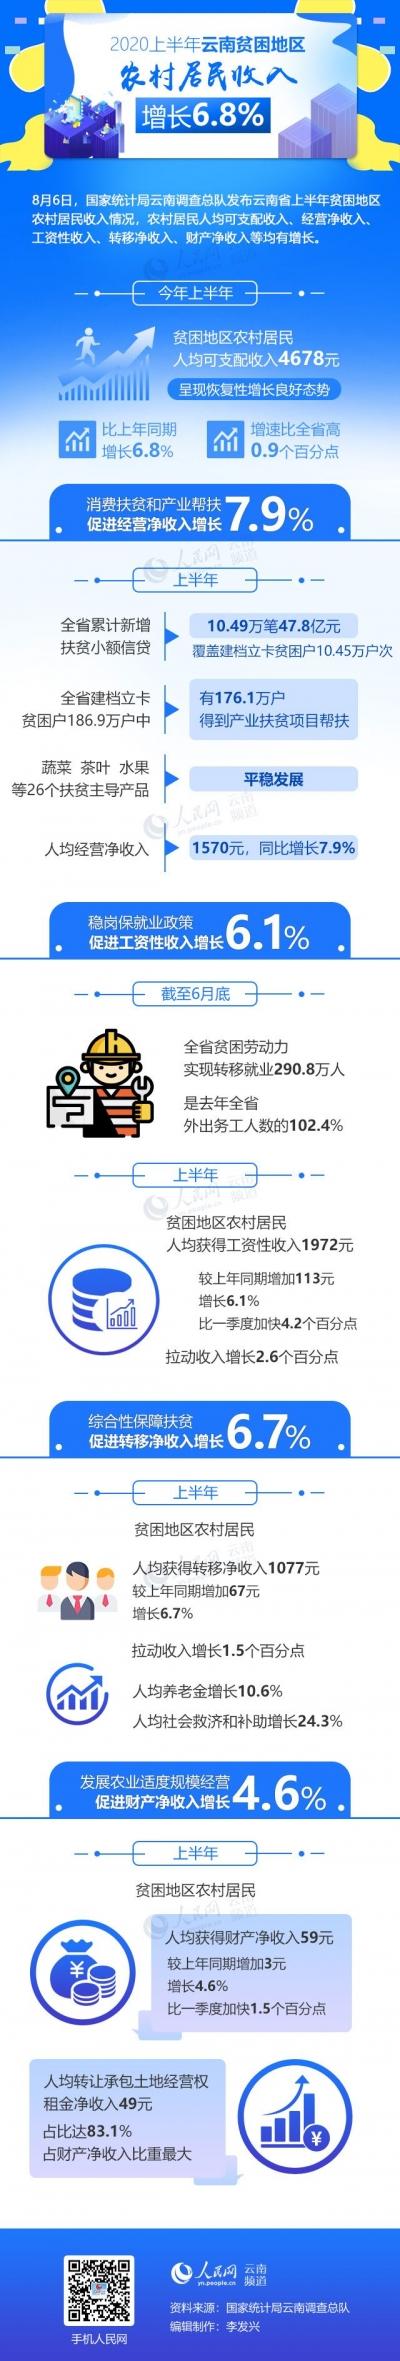 云南贫困地区农村居民收入增长6.8%